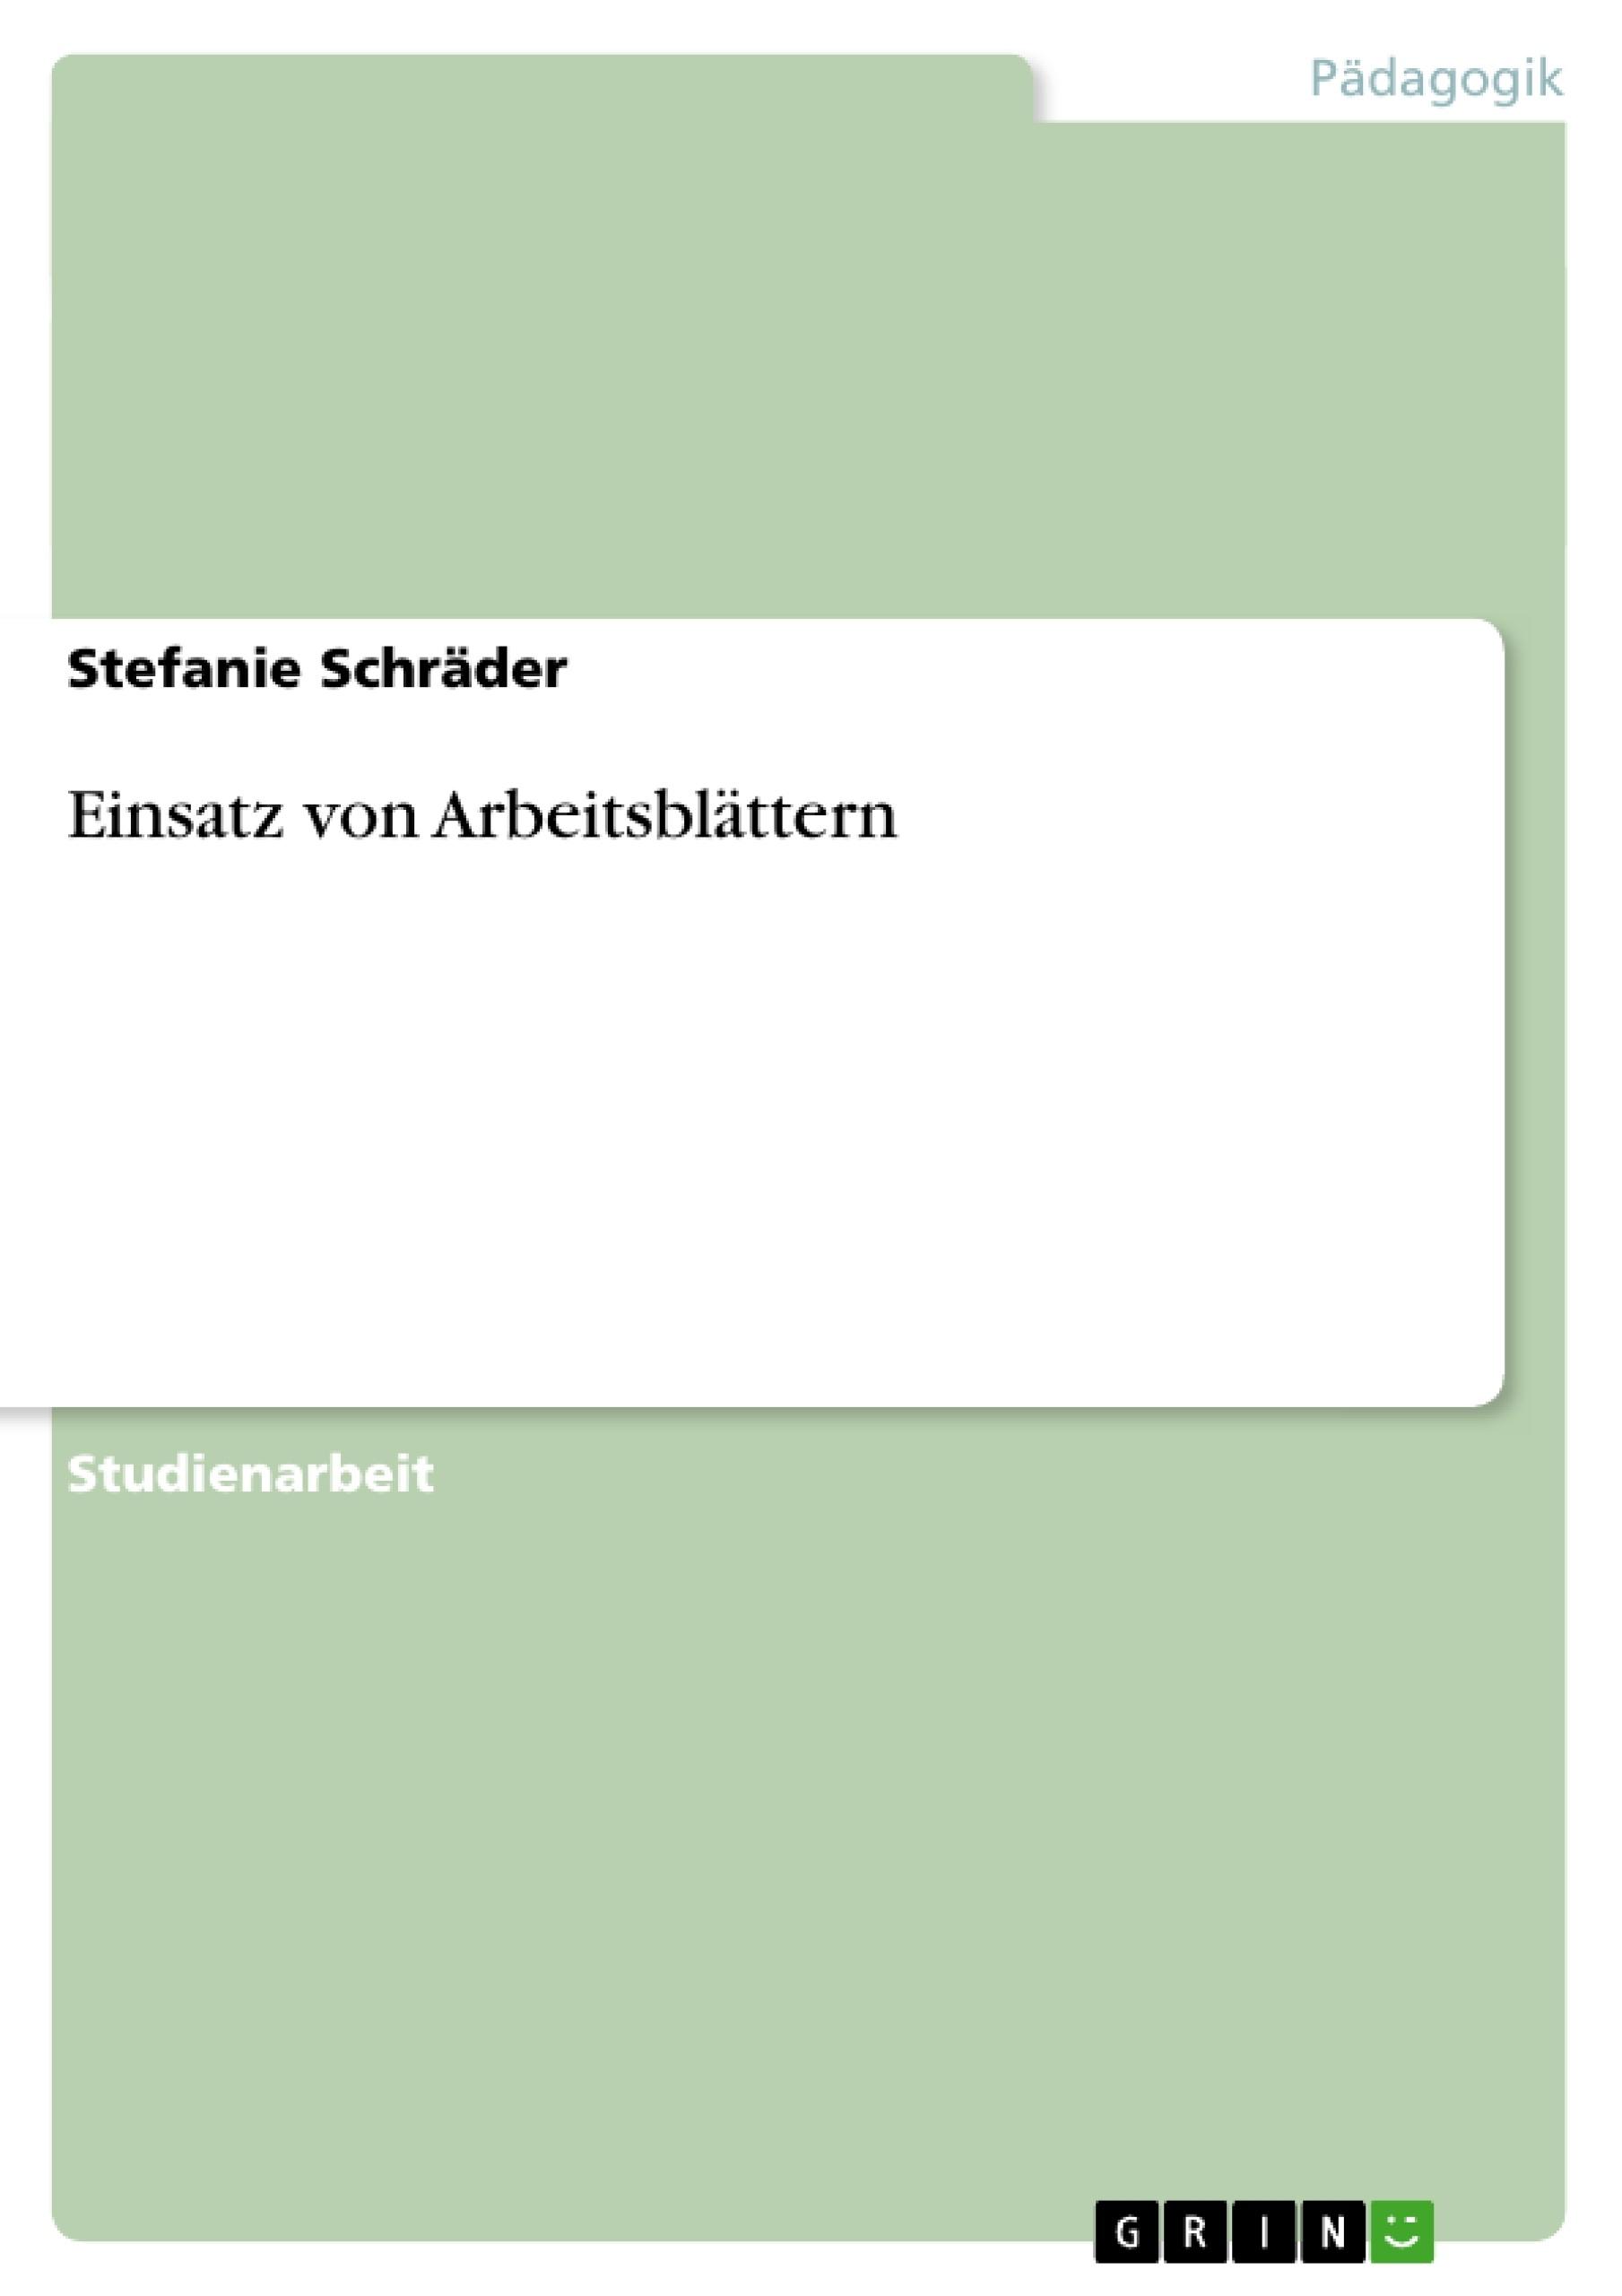 Magnificent Erweist Linien Parallel Arbeitsblatt Photos ...